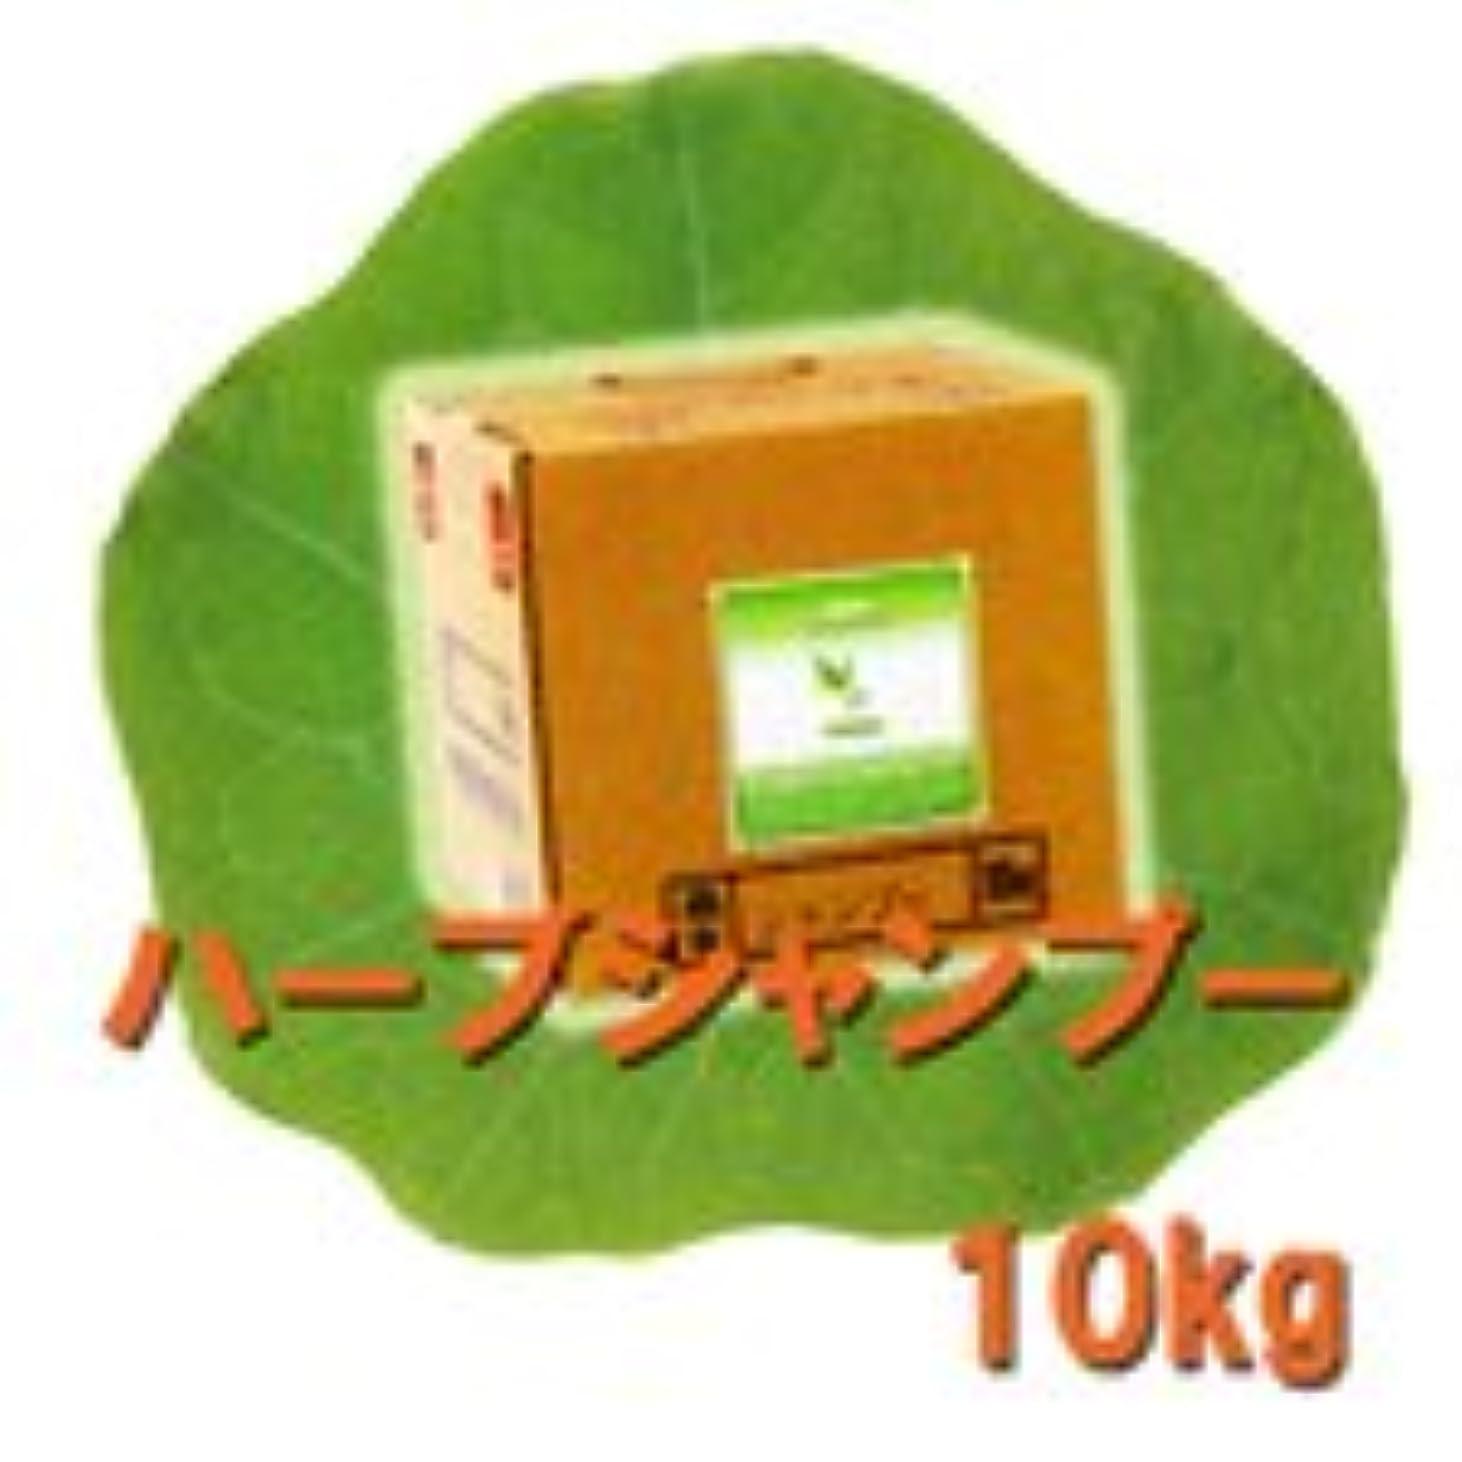 仕立て屋家事宣言する中央有機化学 ハーブシリーズ ハーブシャンプー 10kg